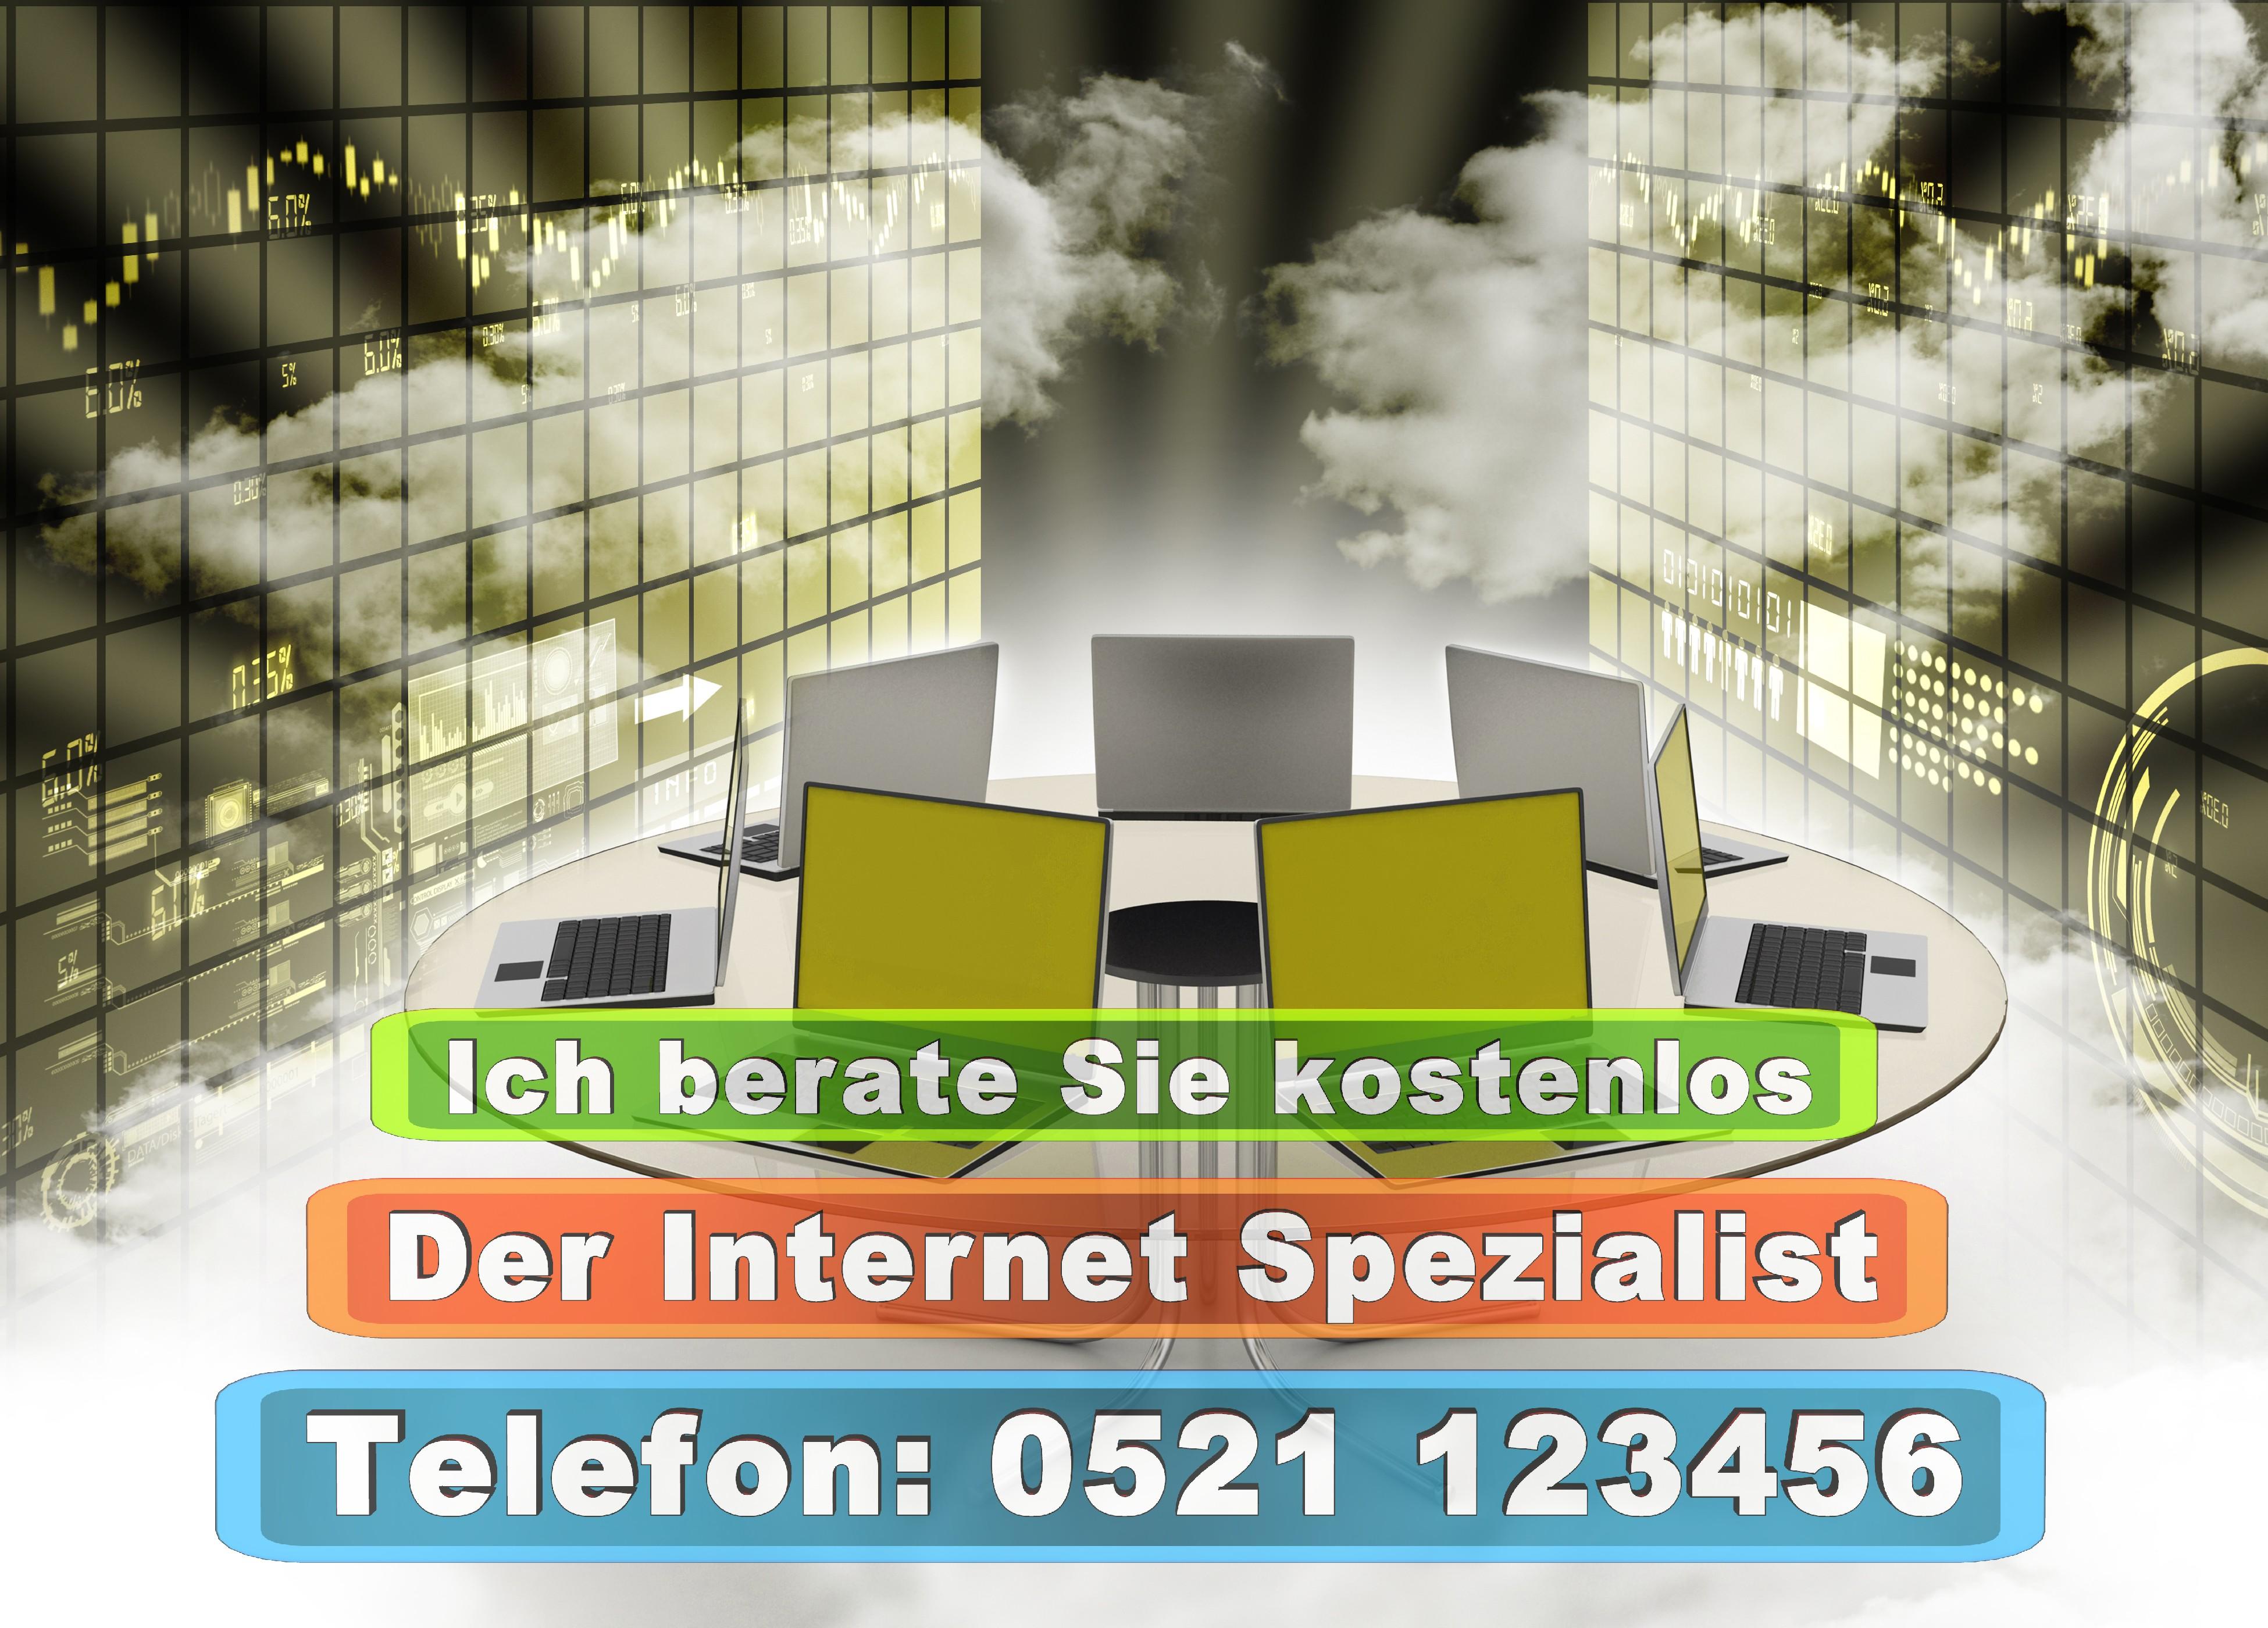 Werbeagentur Bielefeld Druckerei Bielefeld Prospekte Zeitung Visitenkarten Poster Werbung Print Presse Druck Fotografie Fotos Internet (58)